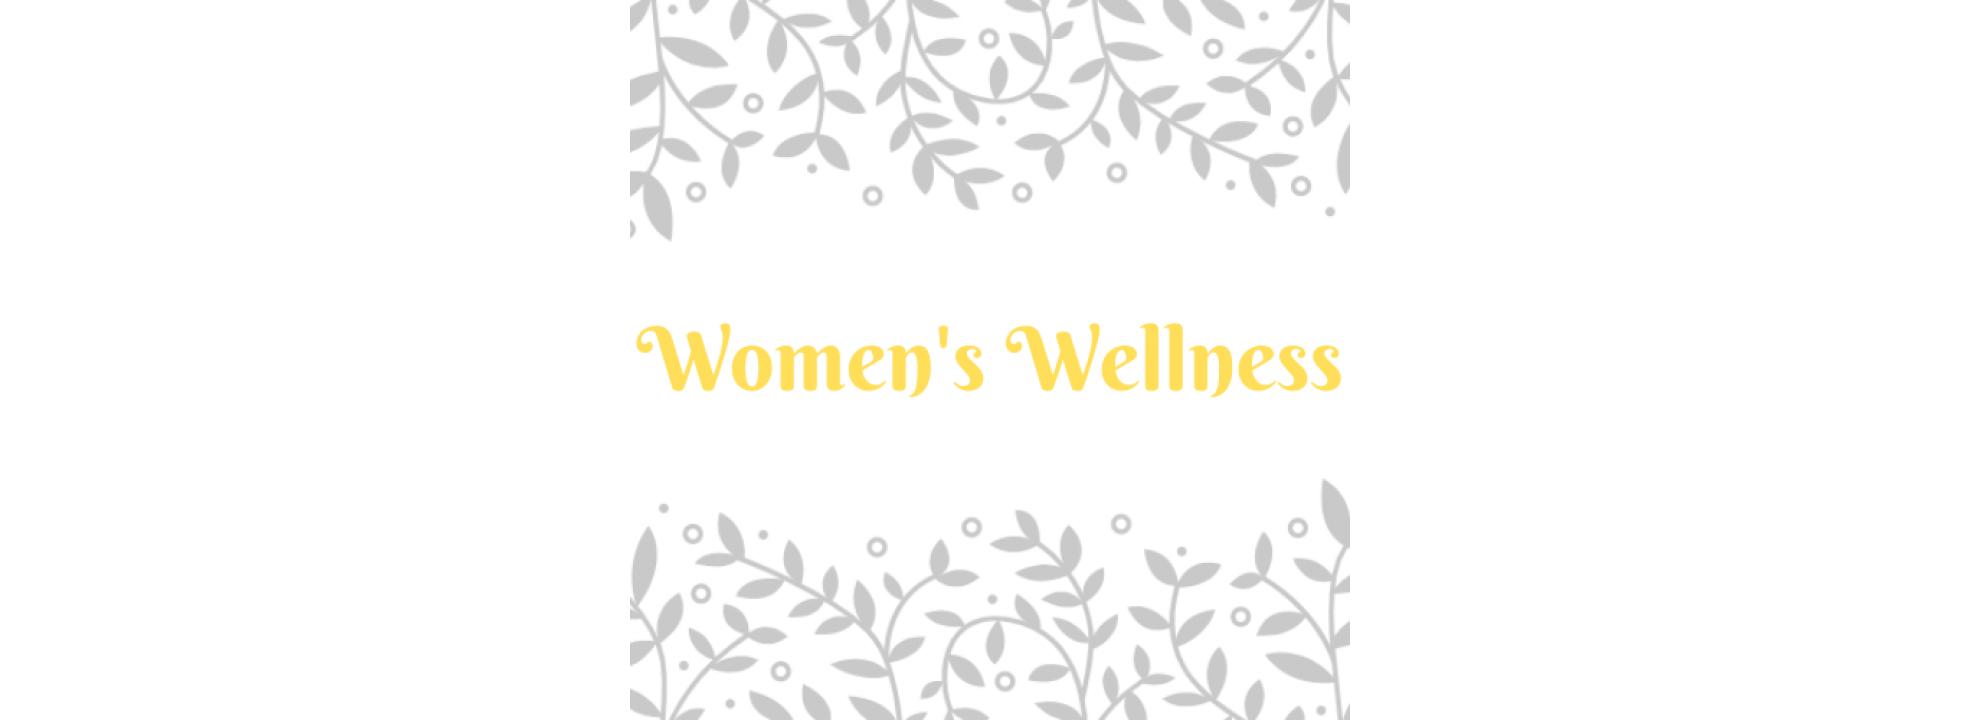 Women's Wellness Autumn Online Course Banner